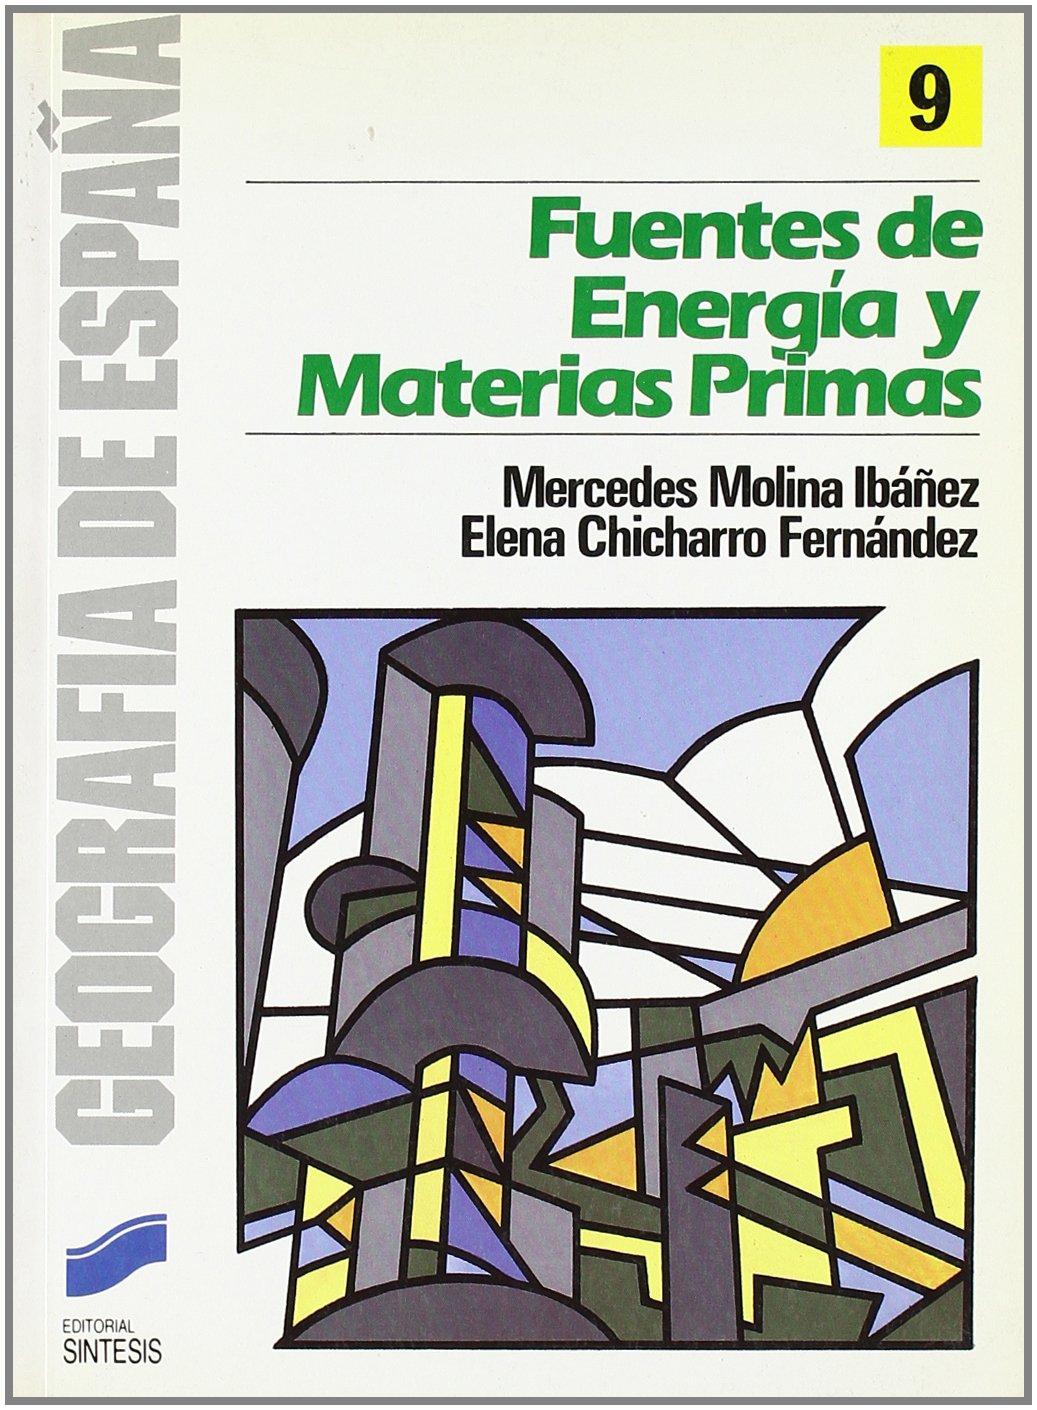 Fuentes de energía y materias primas: 9 Geografía de España: Amazon.es: Molina Ibáñez, Mercedes: Libros